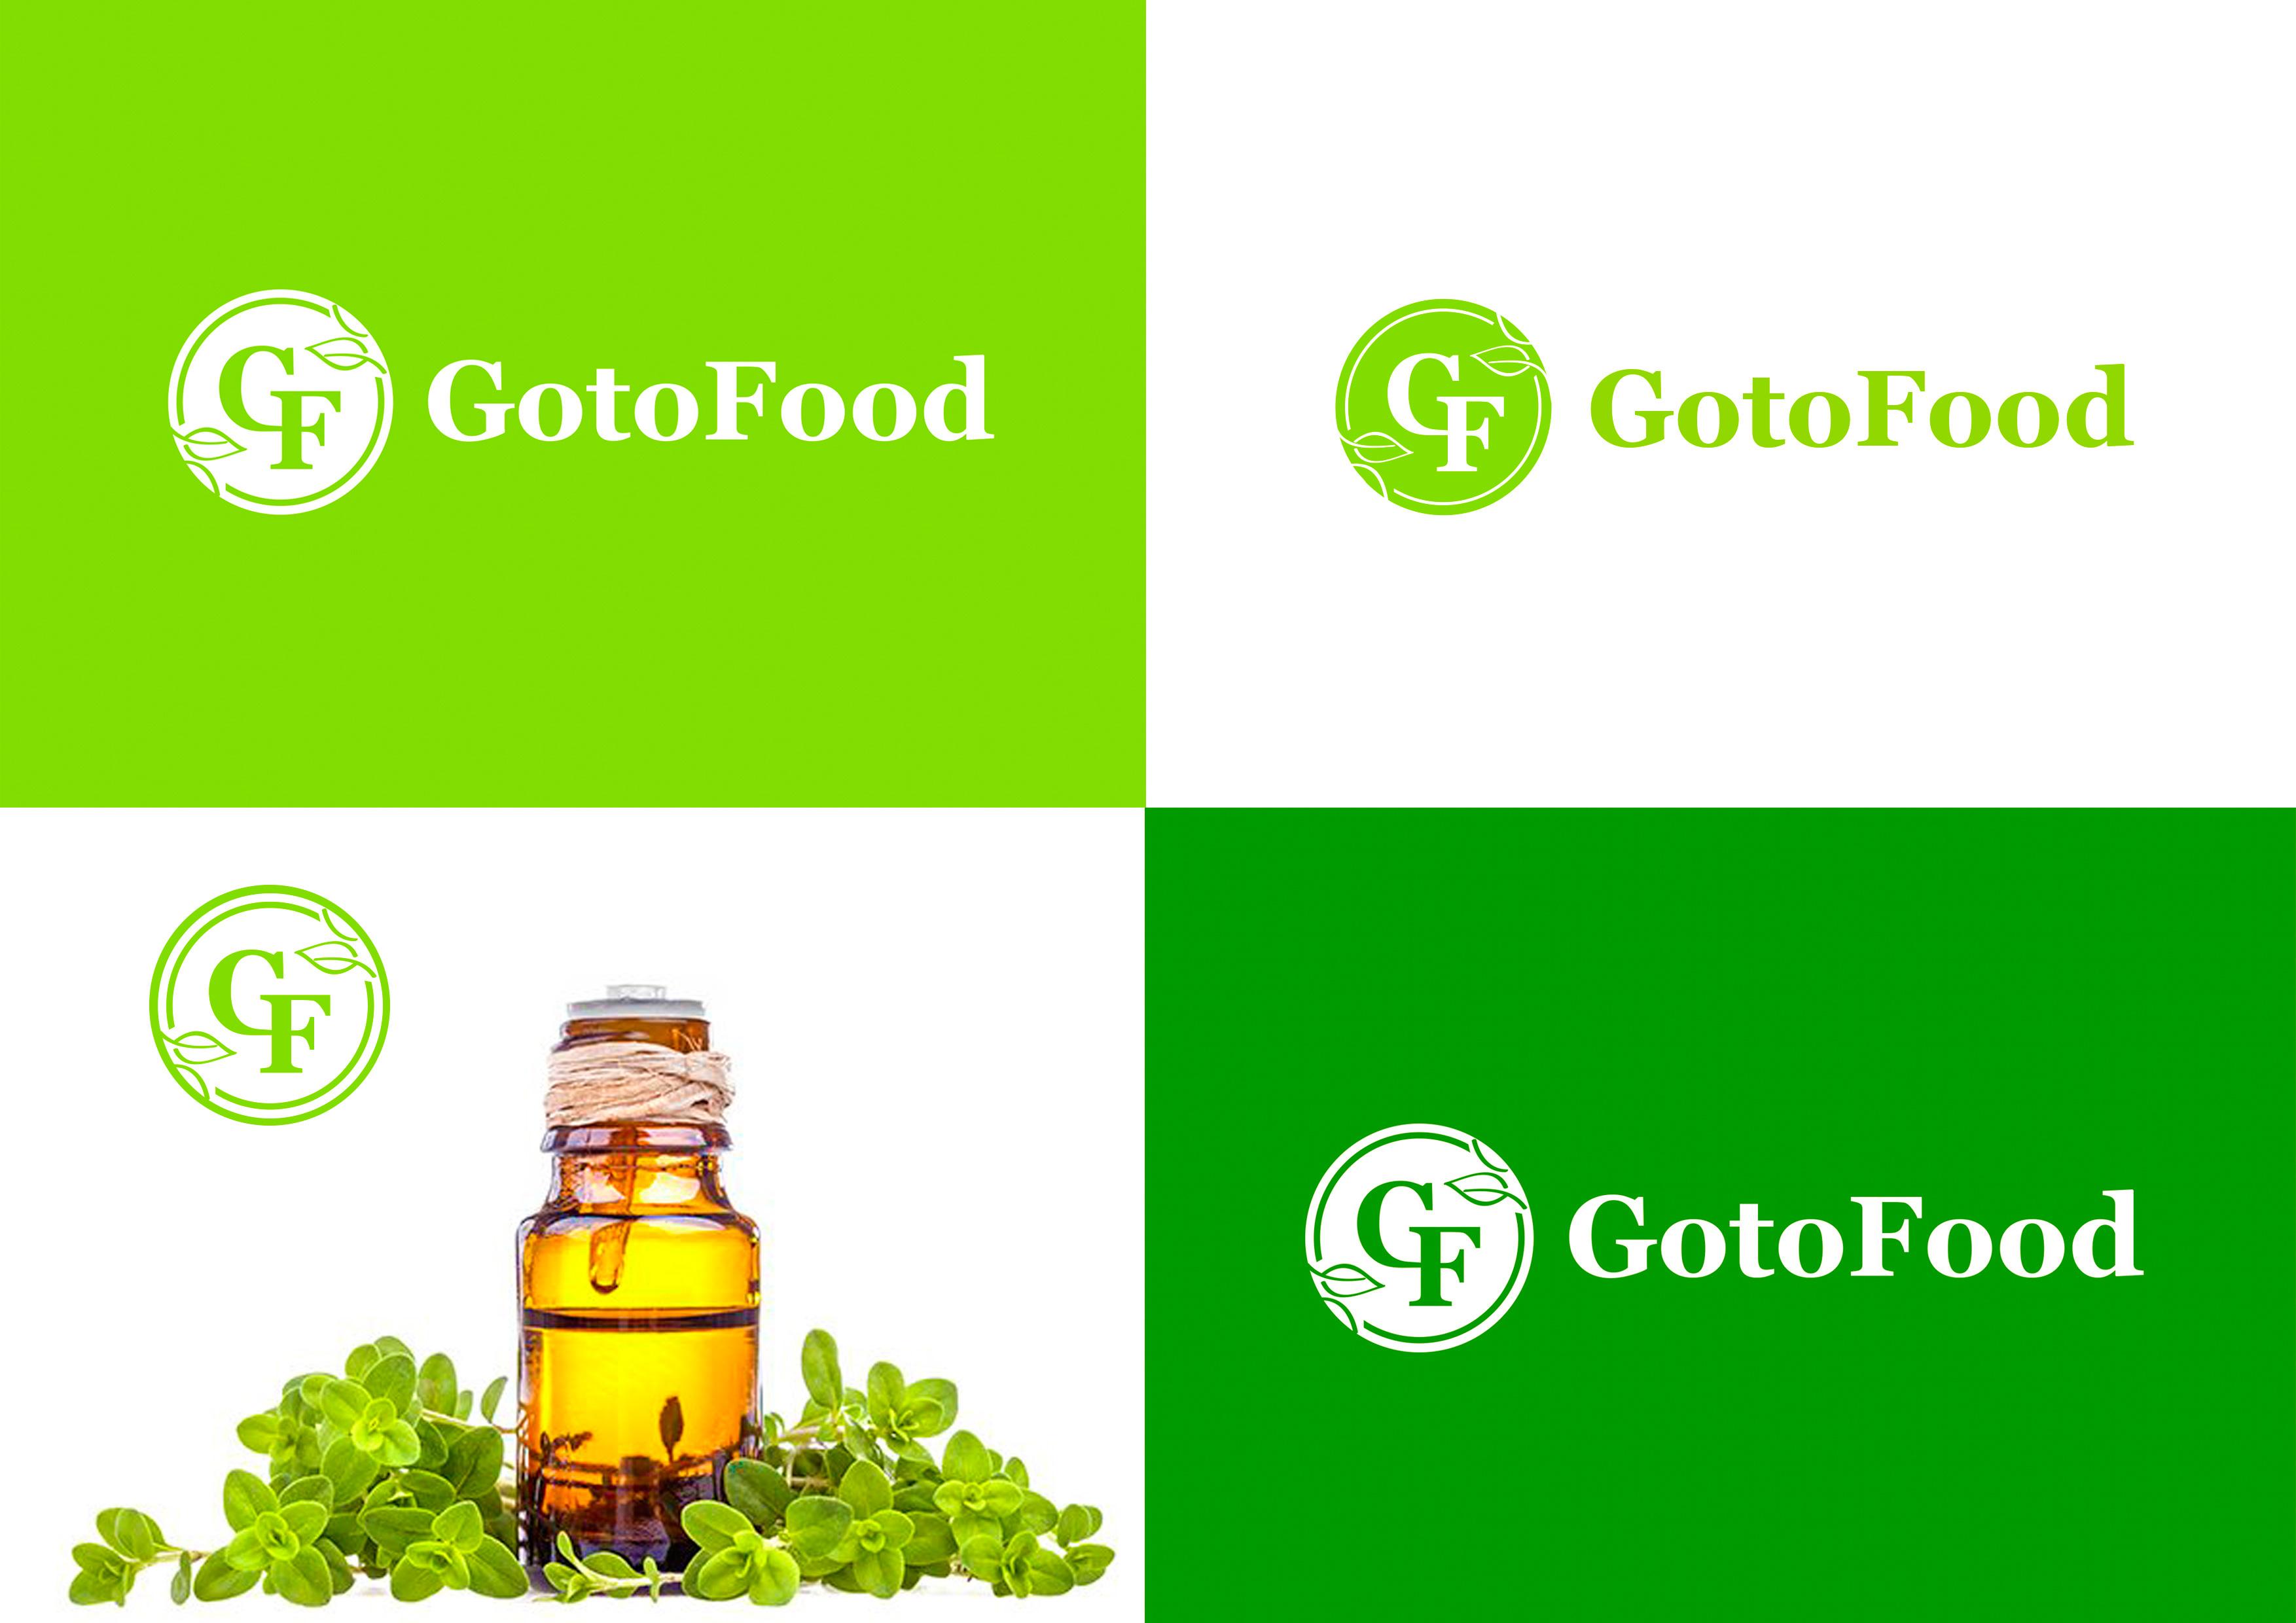 Логотип интернет-магазина здоровой еды фото f_5425cd6a7ca621f0.jpg